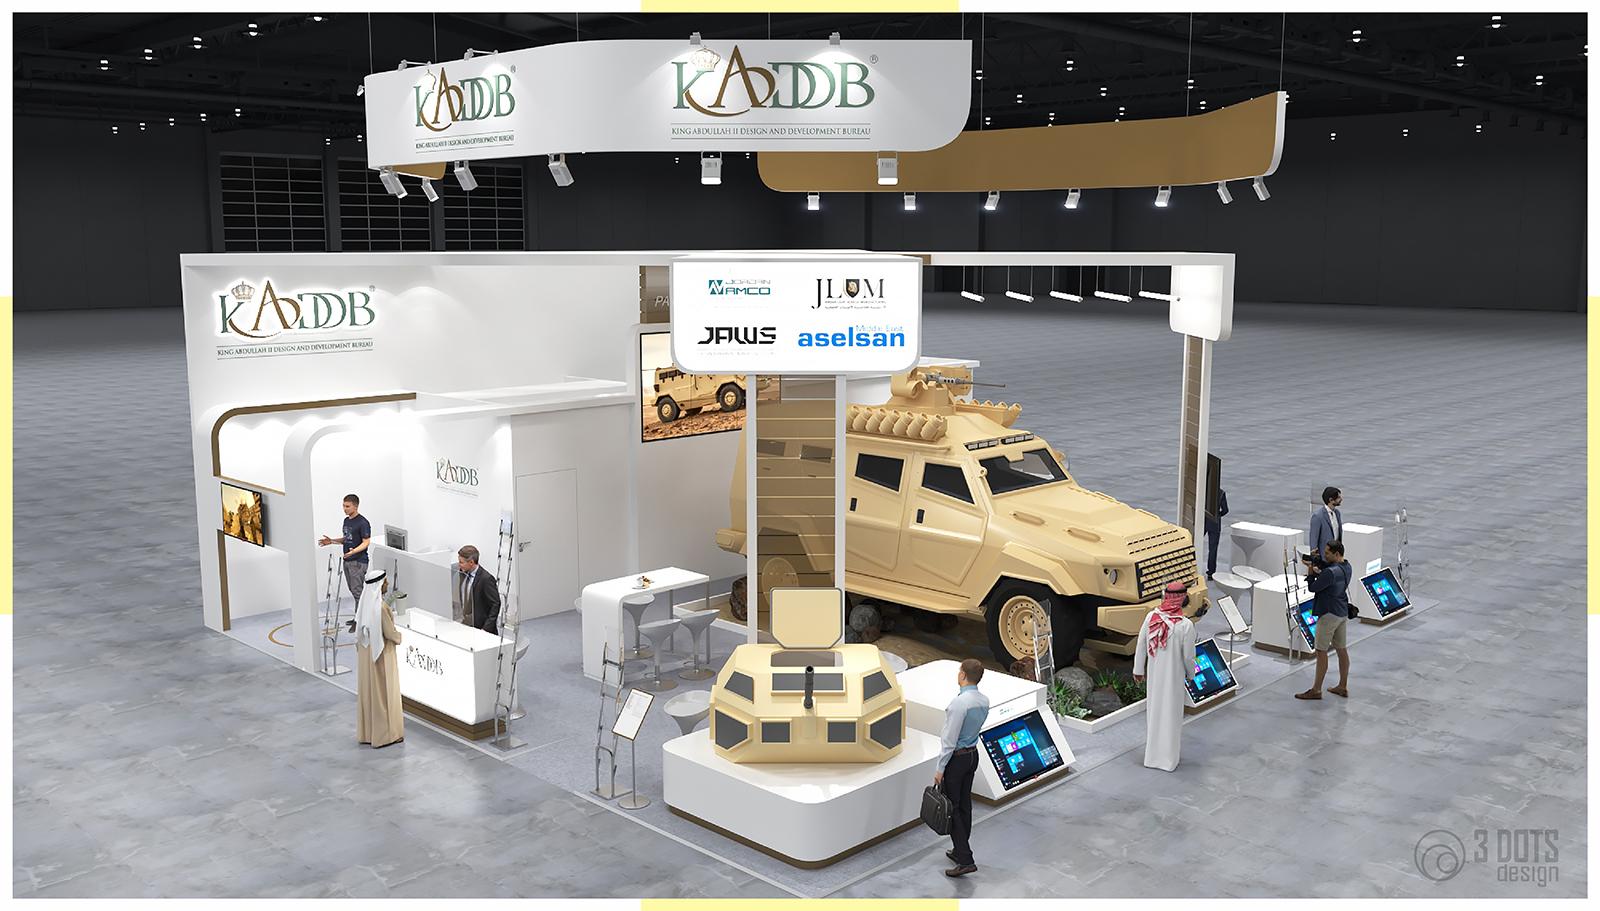 KADDB - IDEX 2021 option 1 -3